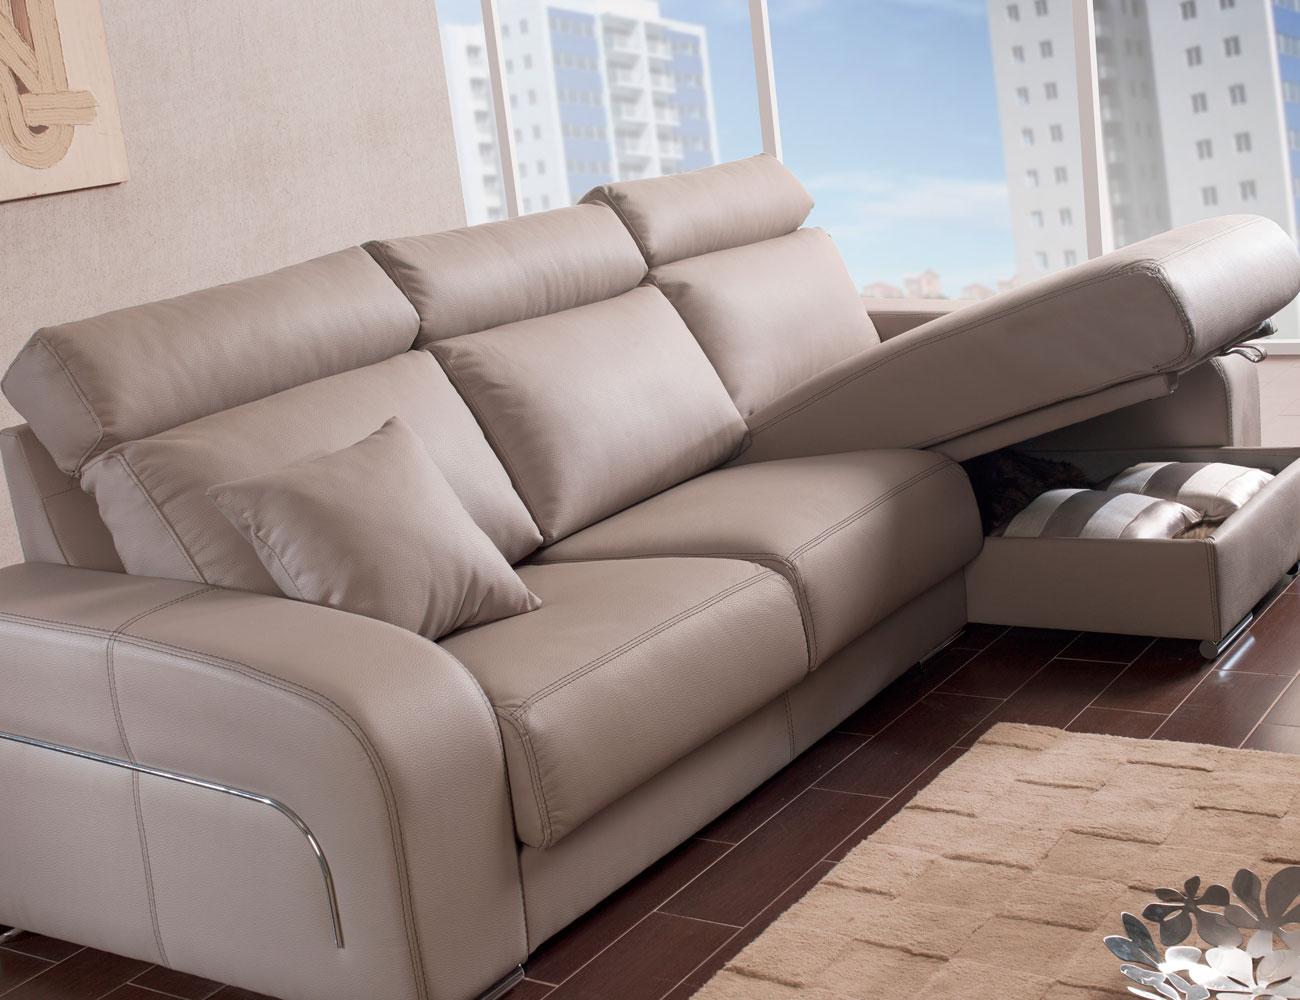 Sofa chaiselongue moderno pared cero arcon66